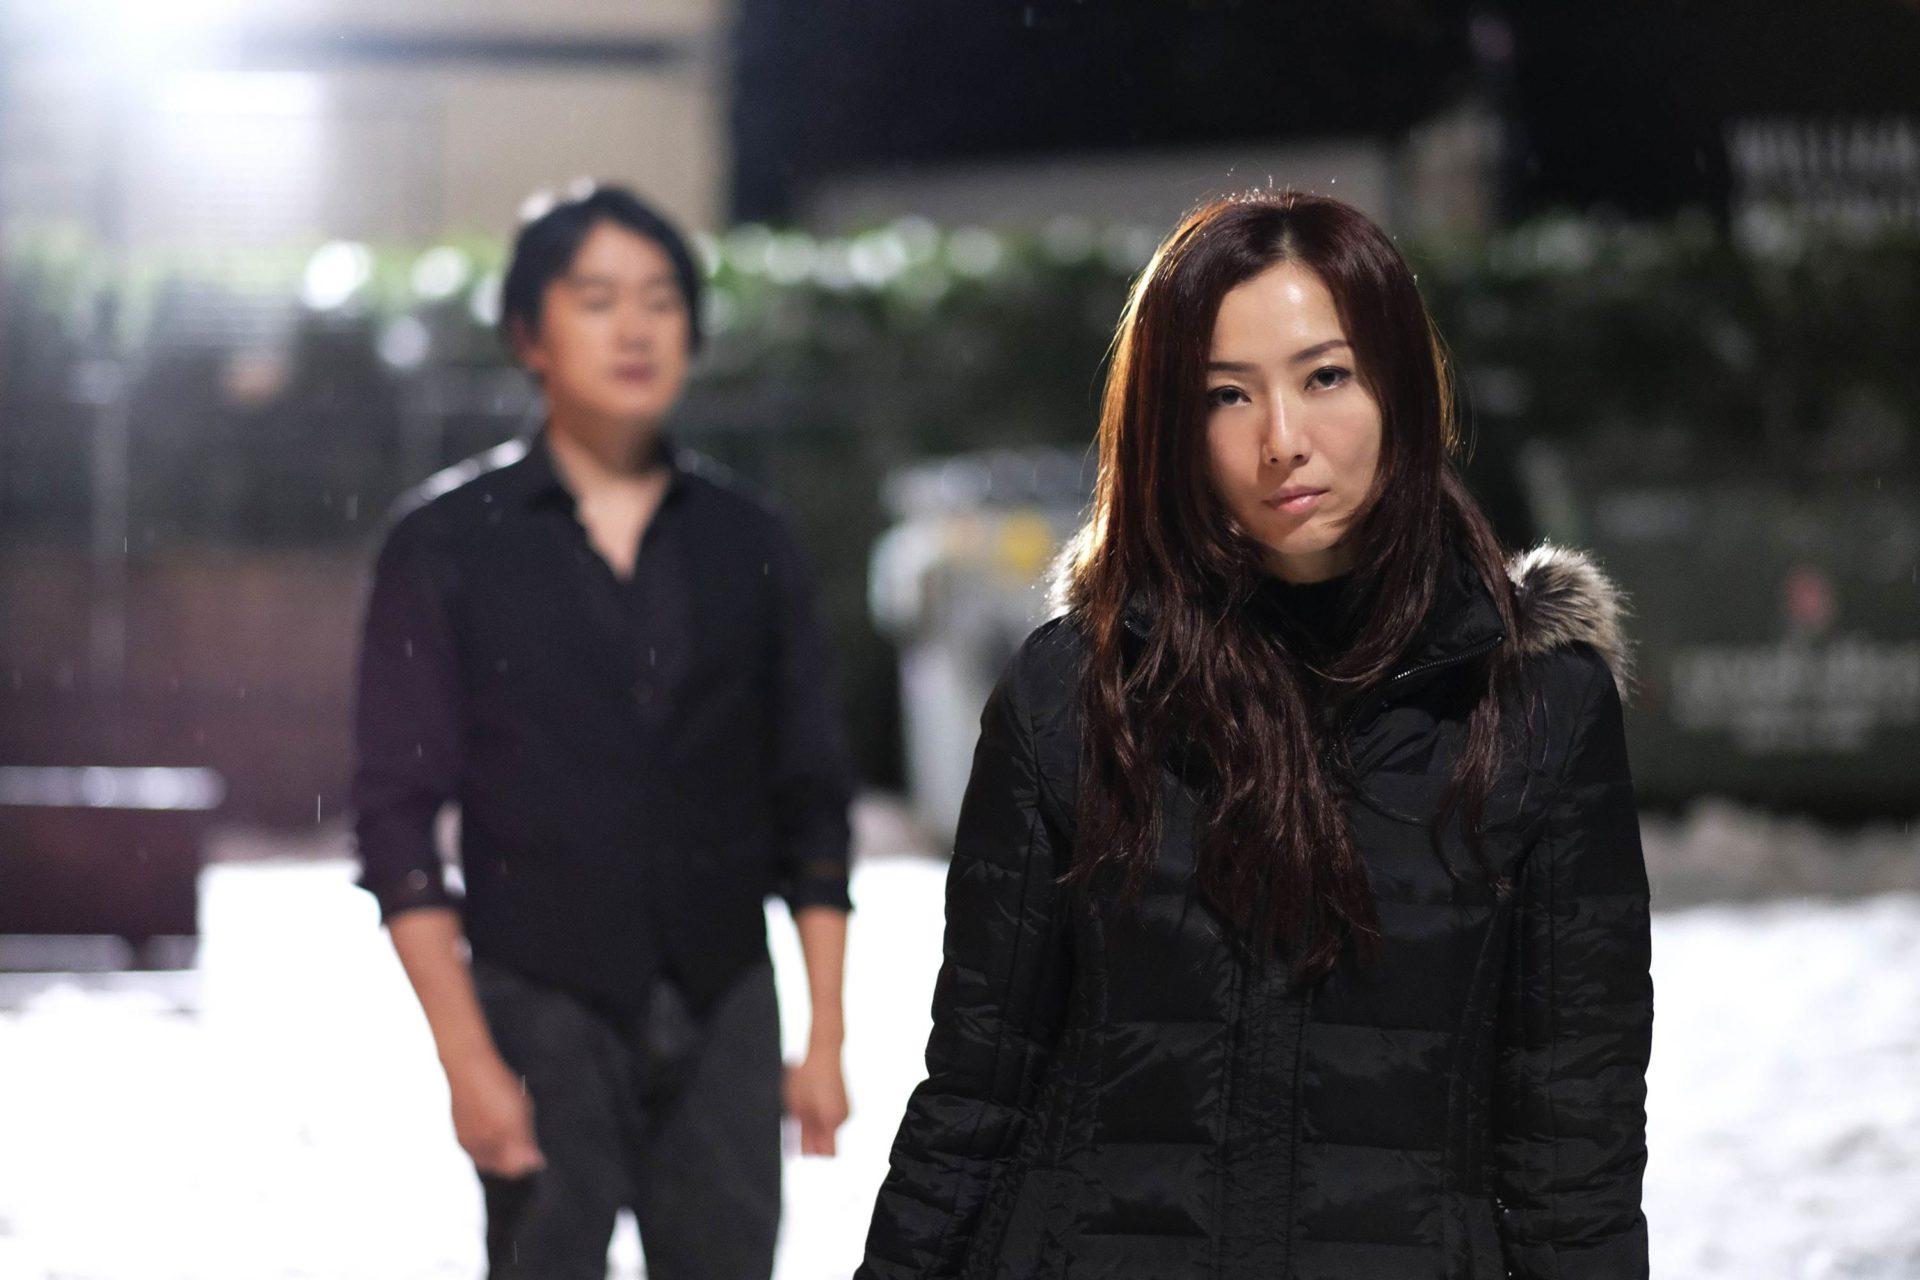 香港懸疑驚悚電影《聖荷西謀殺案》 鄭秀文為好戲增重5公斤表示喜愛現在有點肉的自己